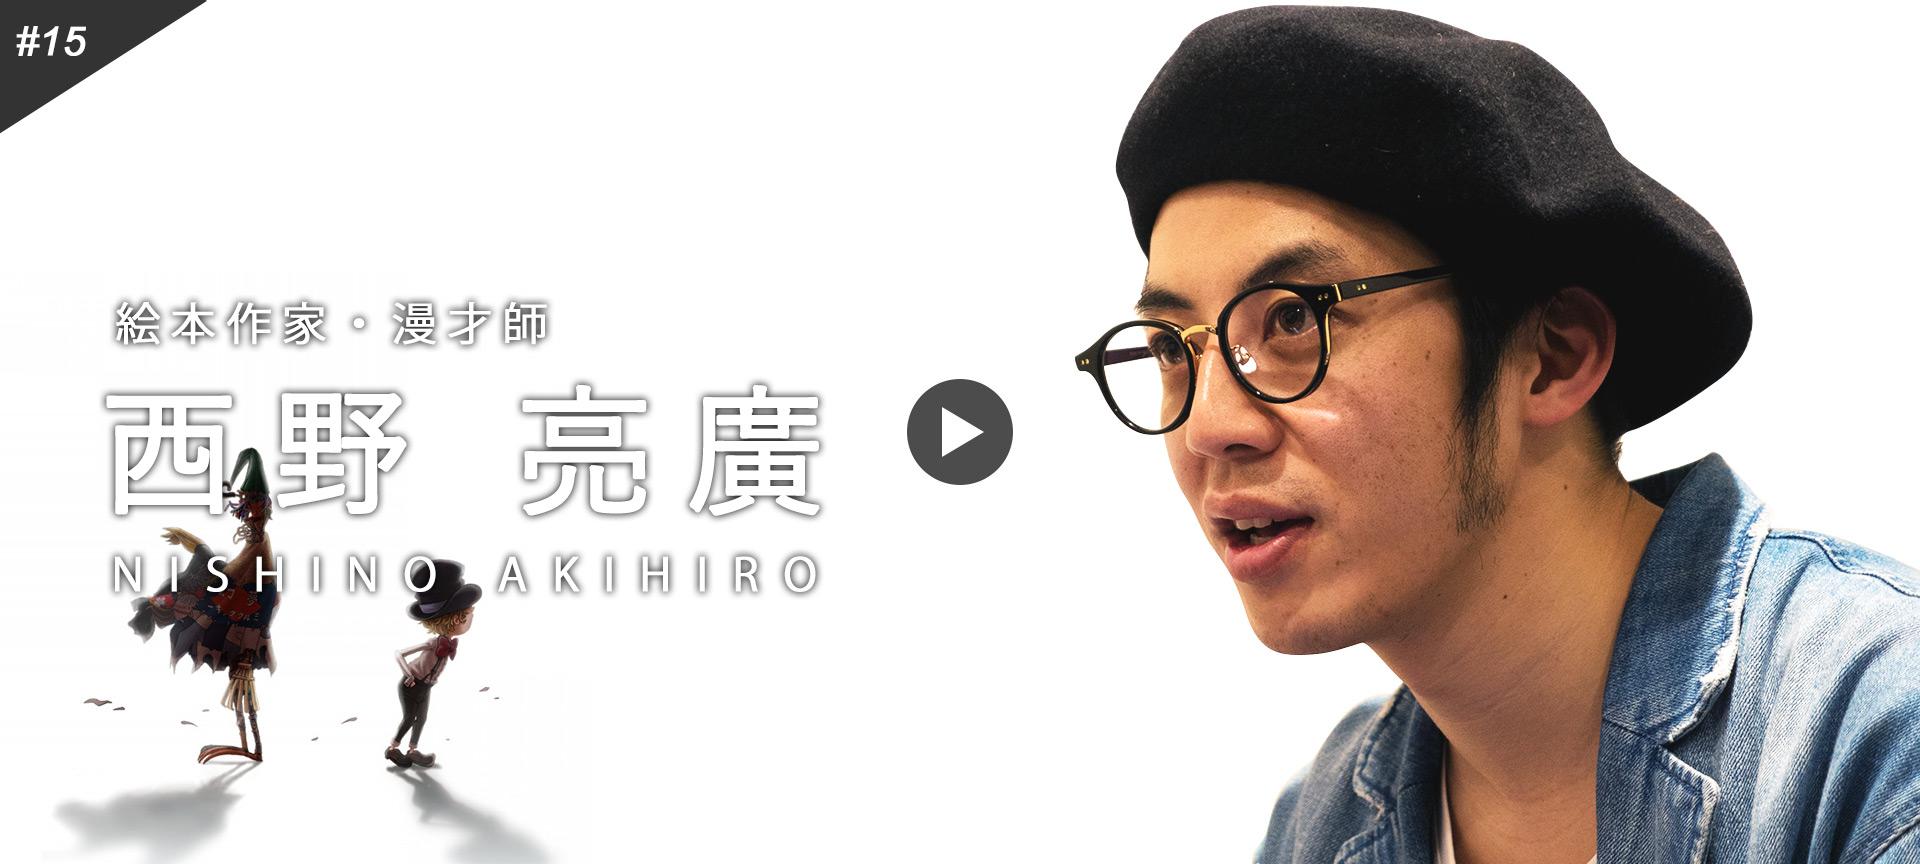 OWNDAYS MEETS 西野亮廣(Nishino Akihiro)